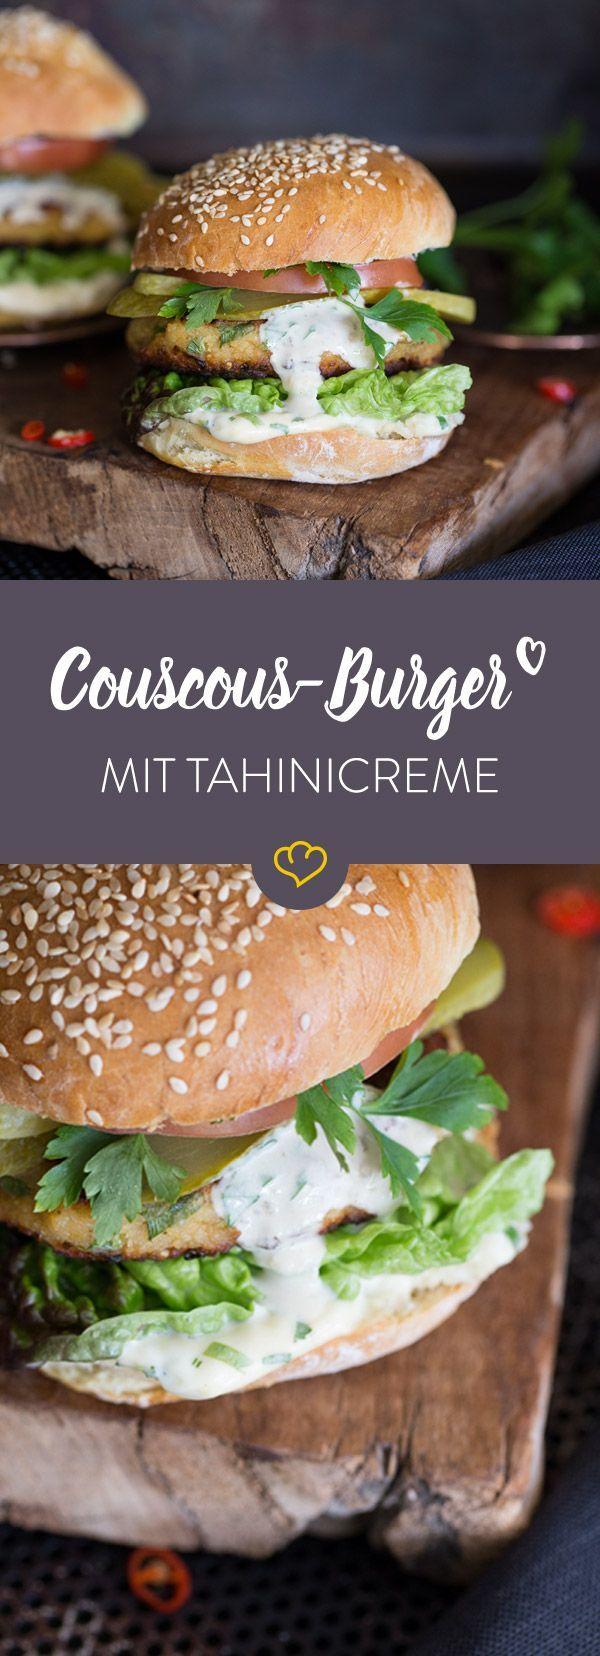 Blue apron lemongrass burger - Couscous Burger Mit Tahinicreme